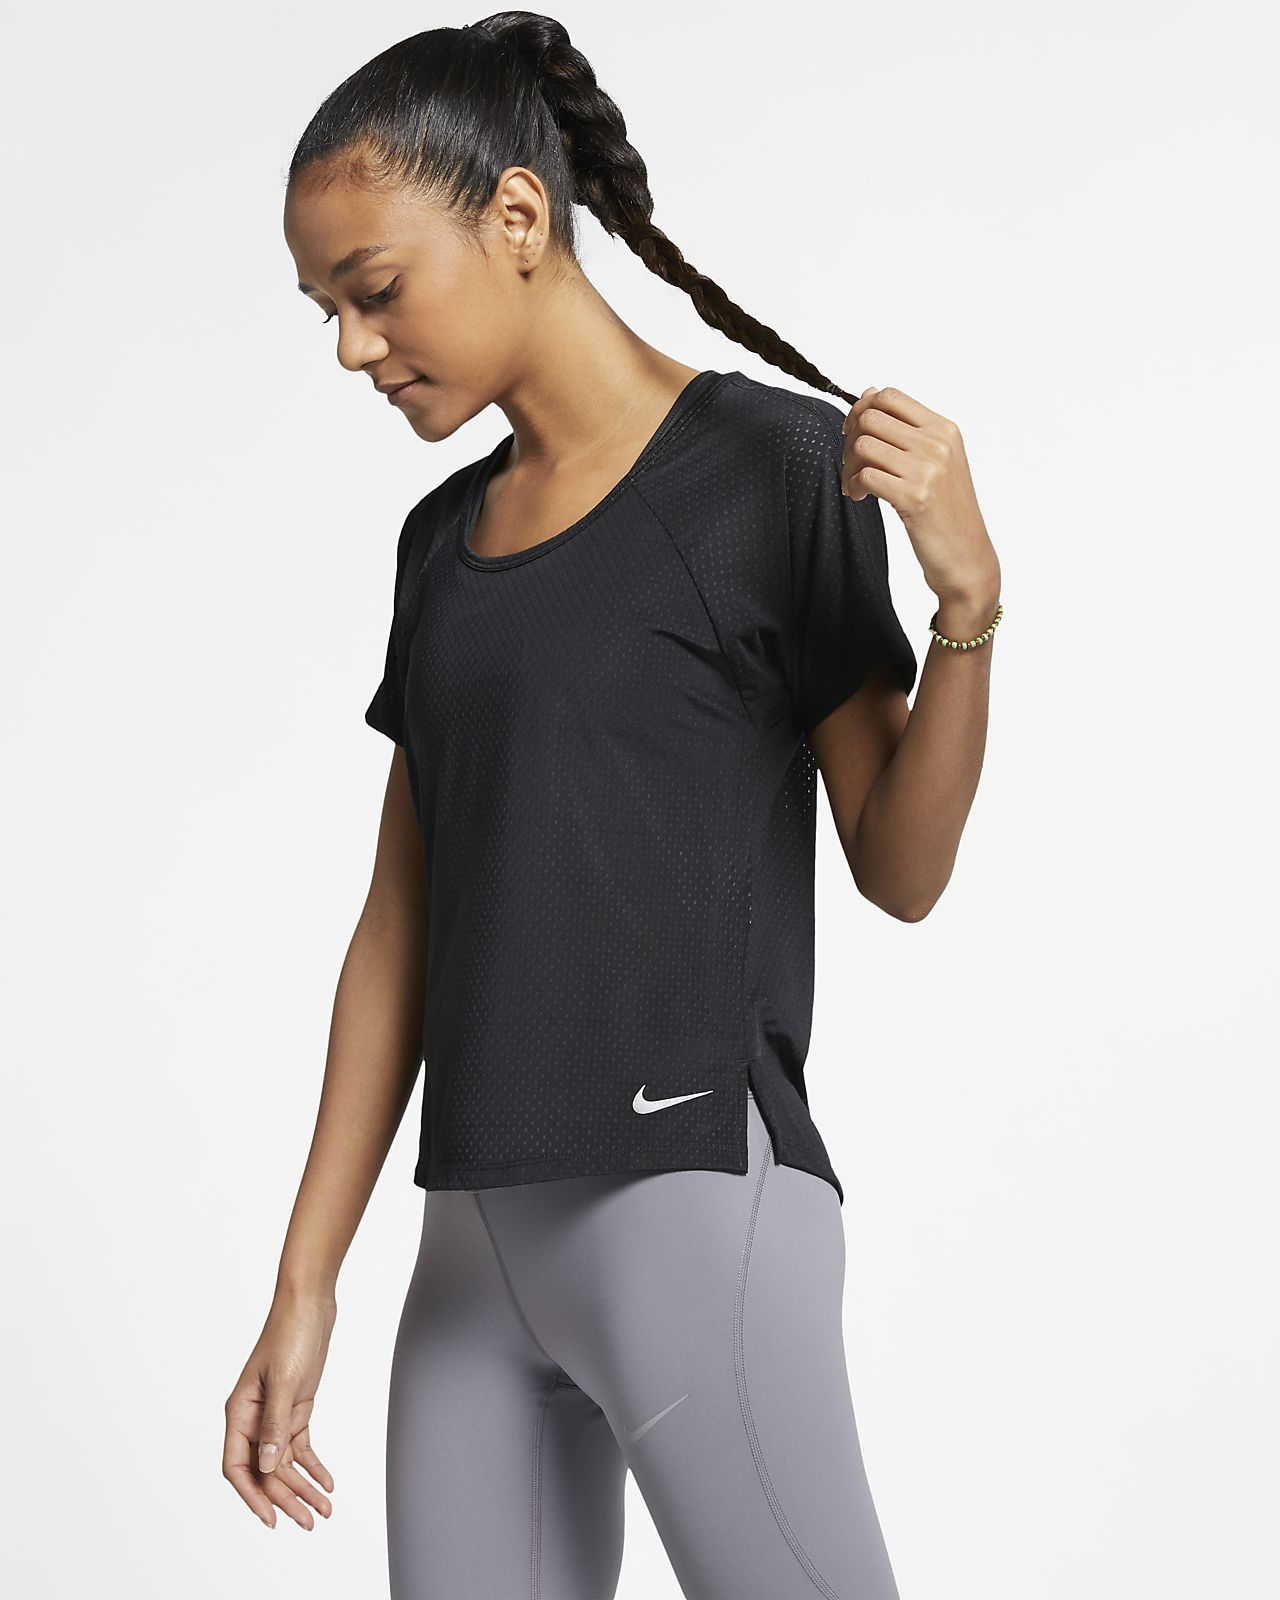 Nike Breathe Miler Hardlooptop voor dames